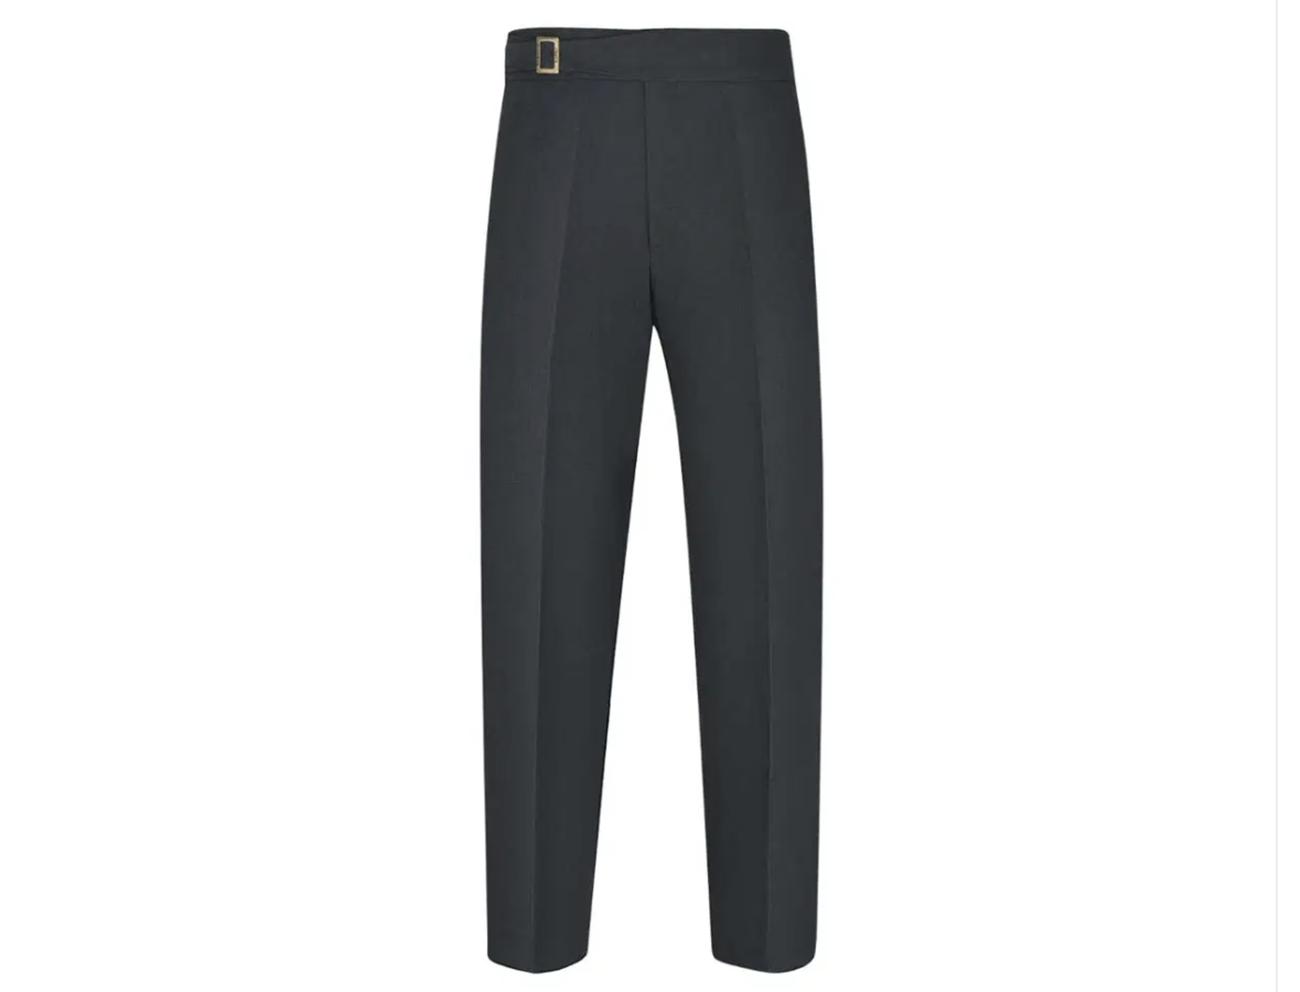 Αυτά είναι τα παντελόνια που μπορείς να φοράς στον καύσωνα